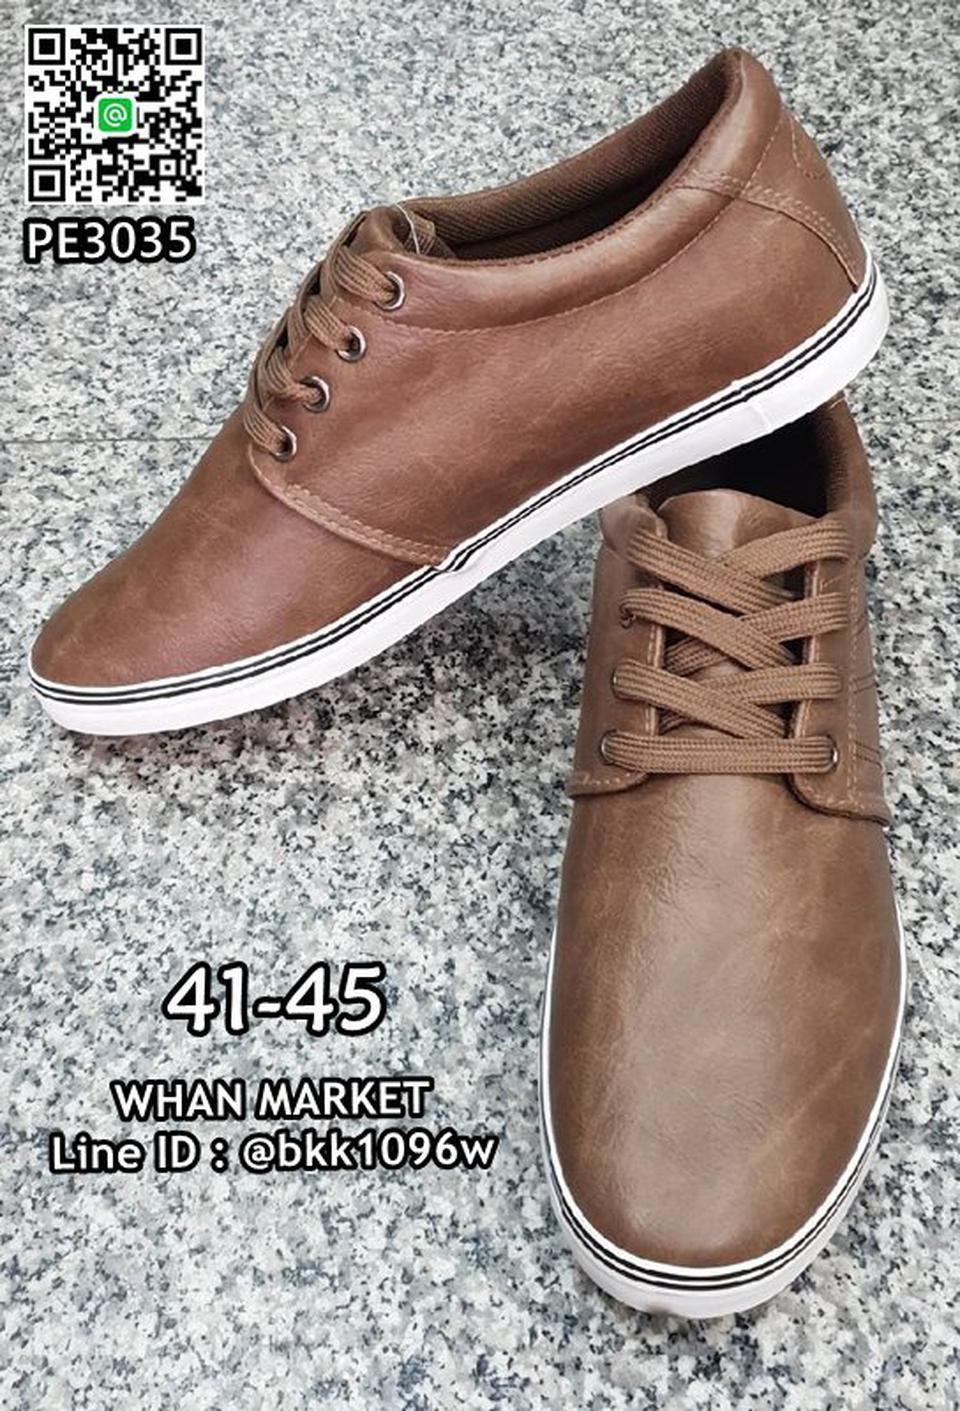 รองเท้าผ้าใบหนังผู้ชาย วัสดุหนังPU คุณภาพดี มีเชือกผูกปรับกร รูปที่ 1